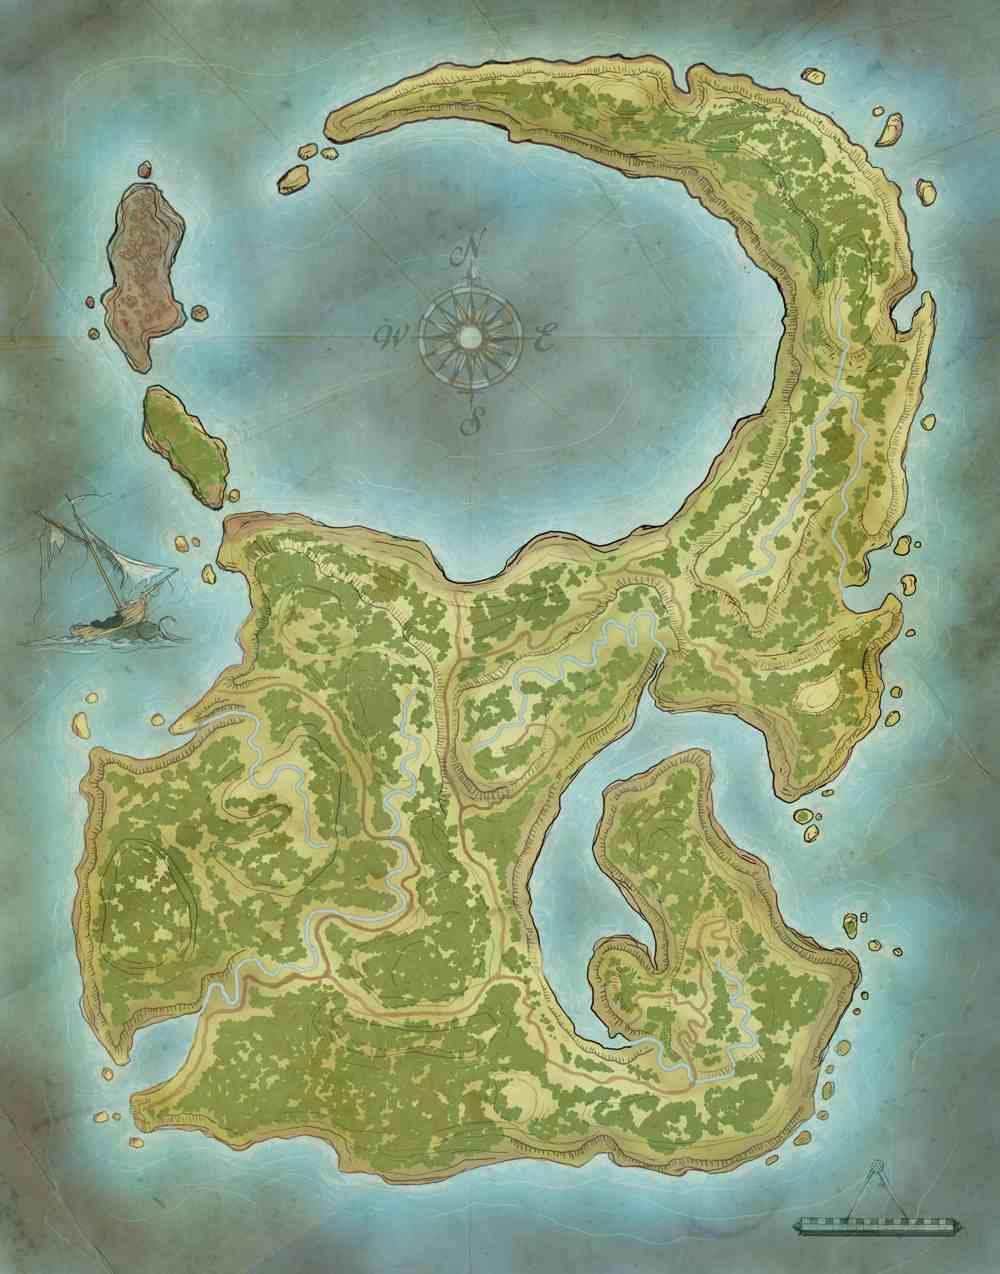 Island Rpg Fantasy Map